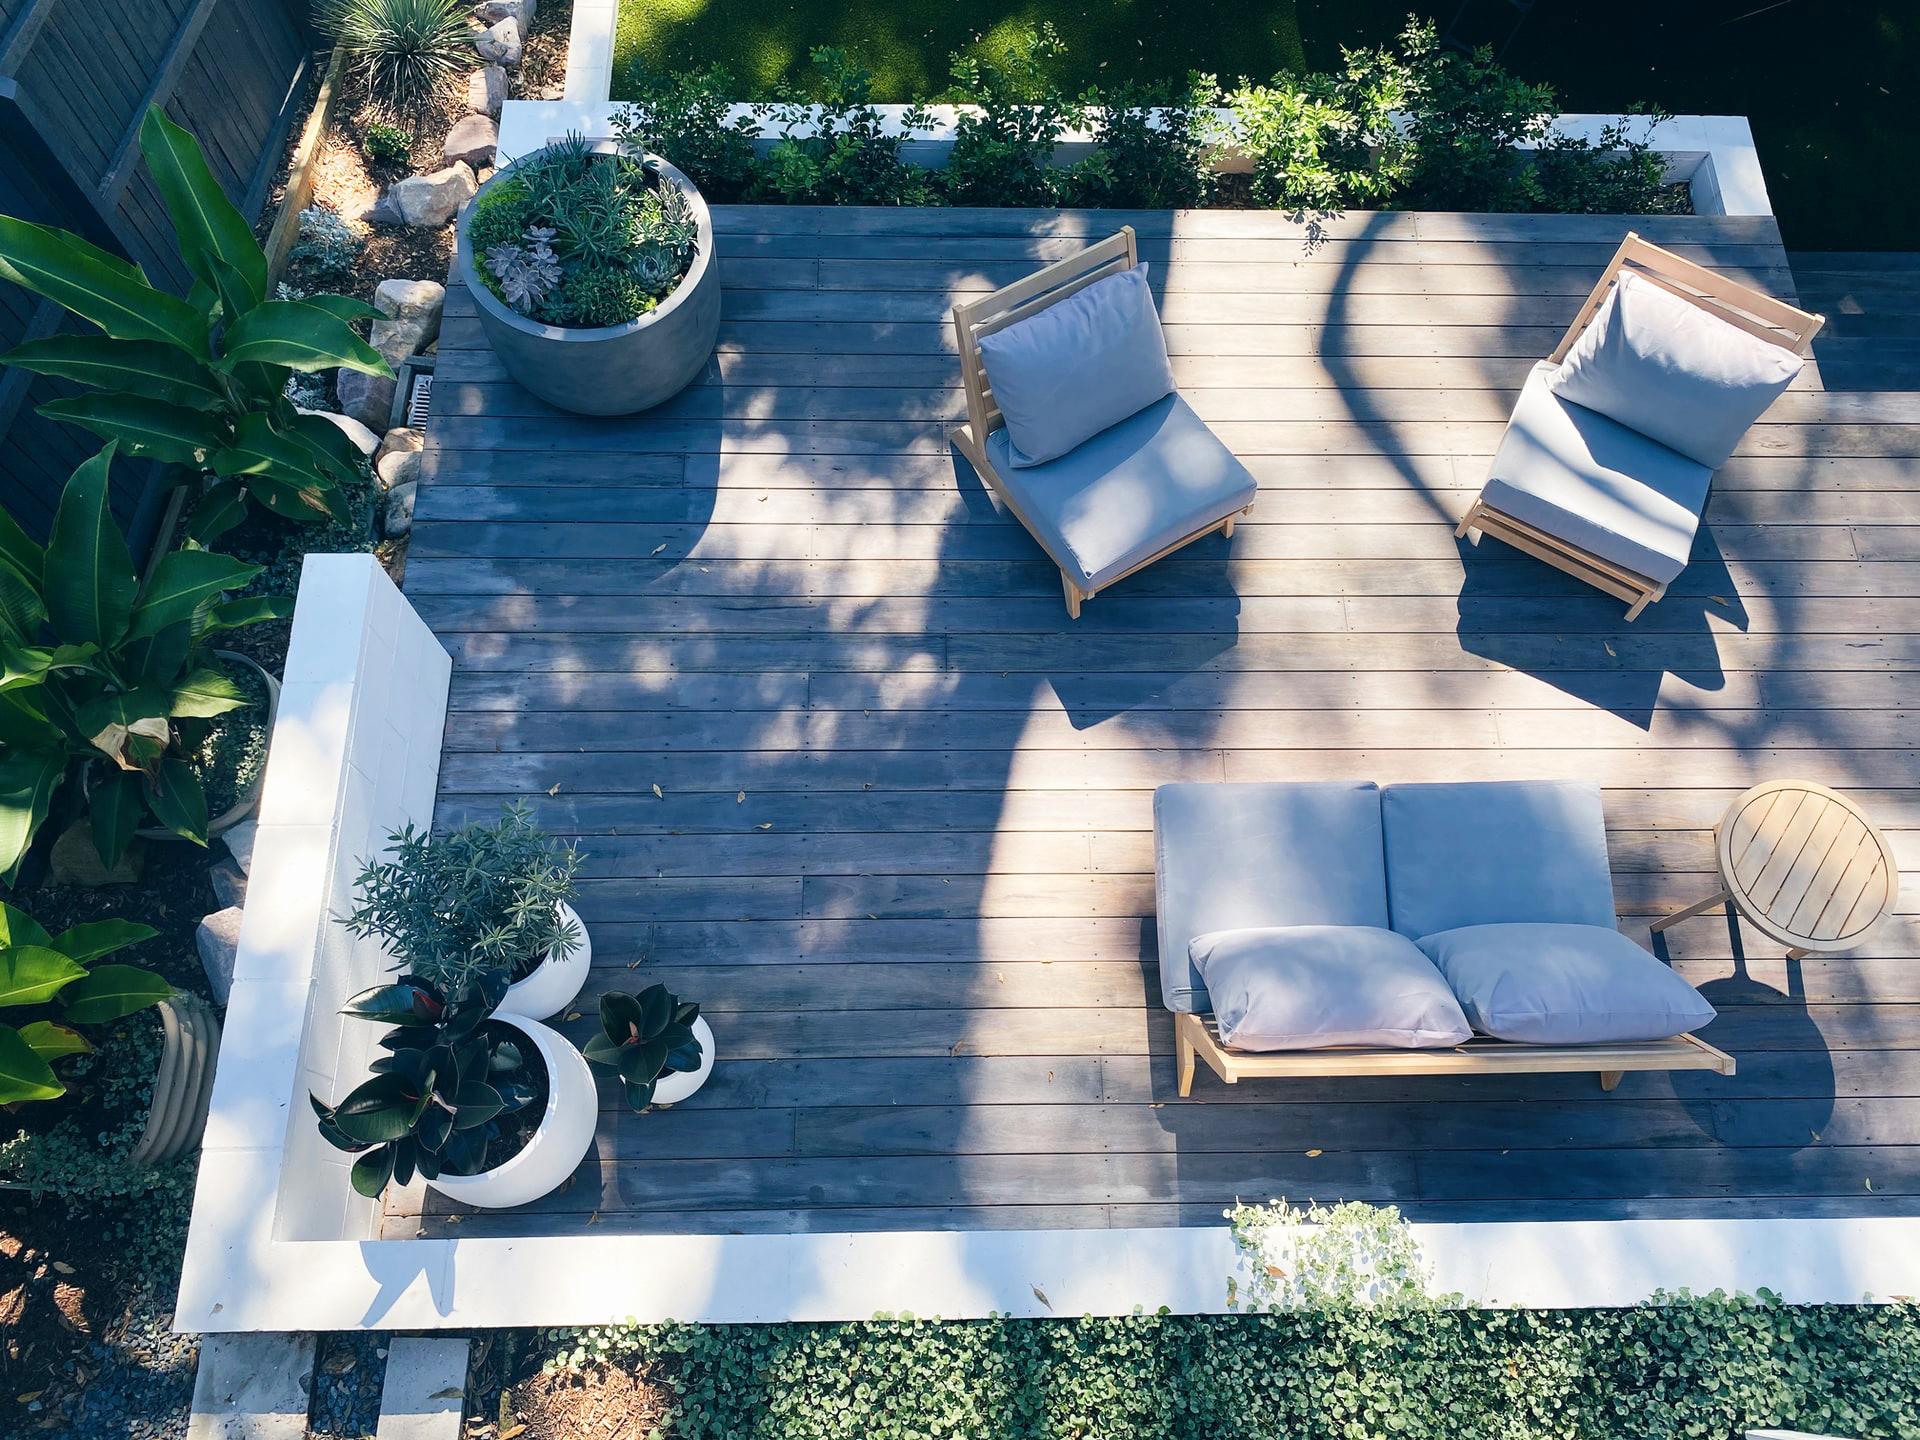 Архитектура и дизајн: Mедитерански стил, тропски или зен амбиент за уредување на дворот или терасата